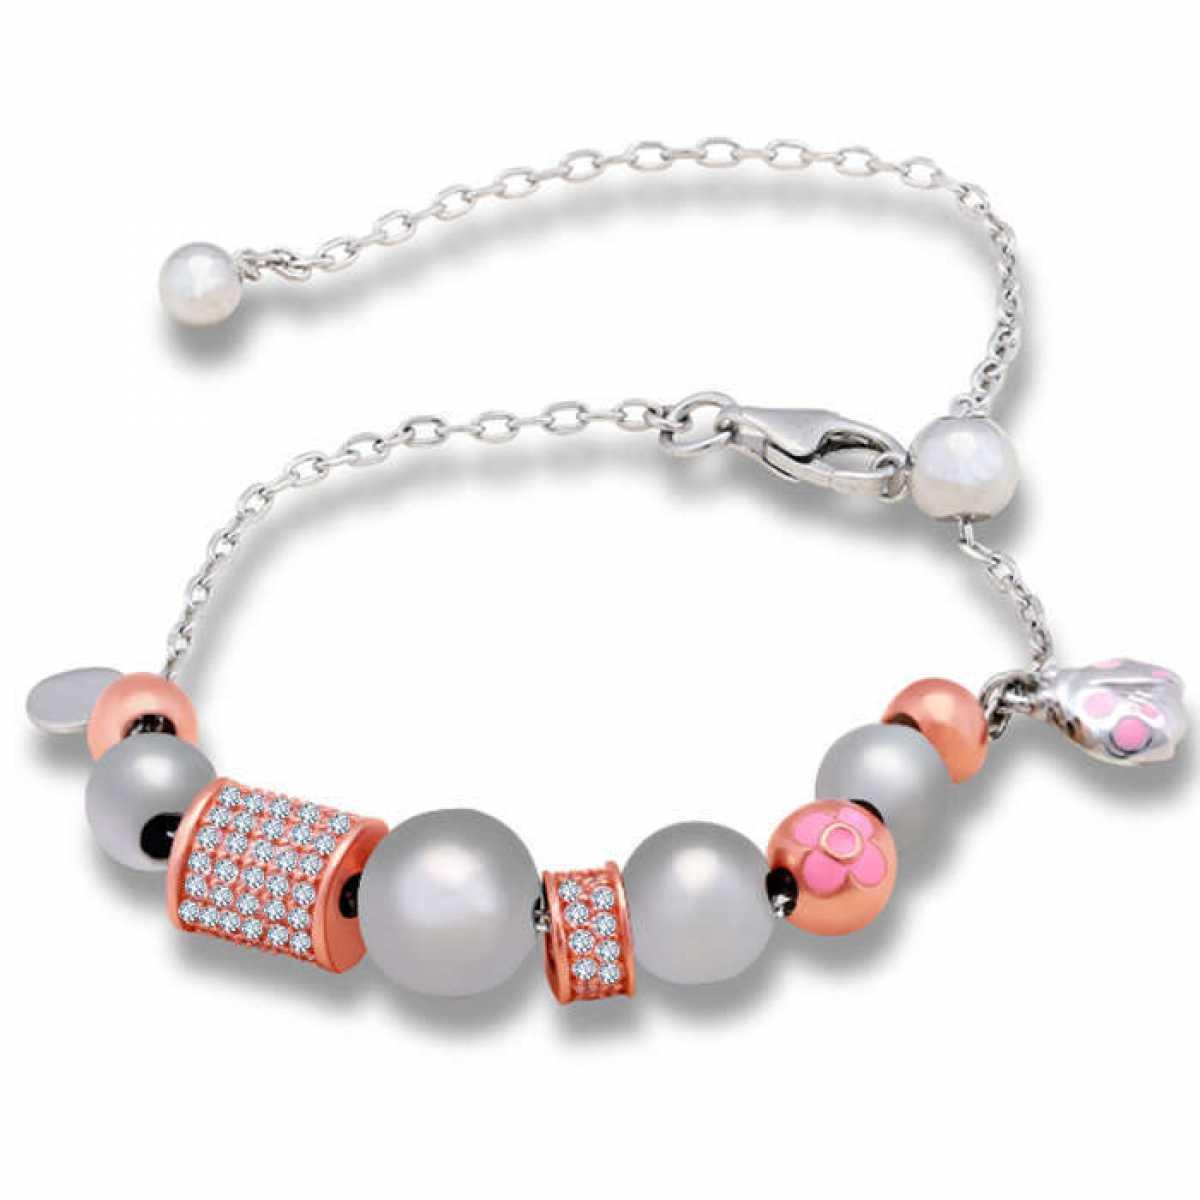 Silver & Rose Gold Pink Locket Bracelet